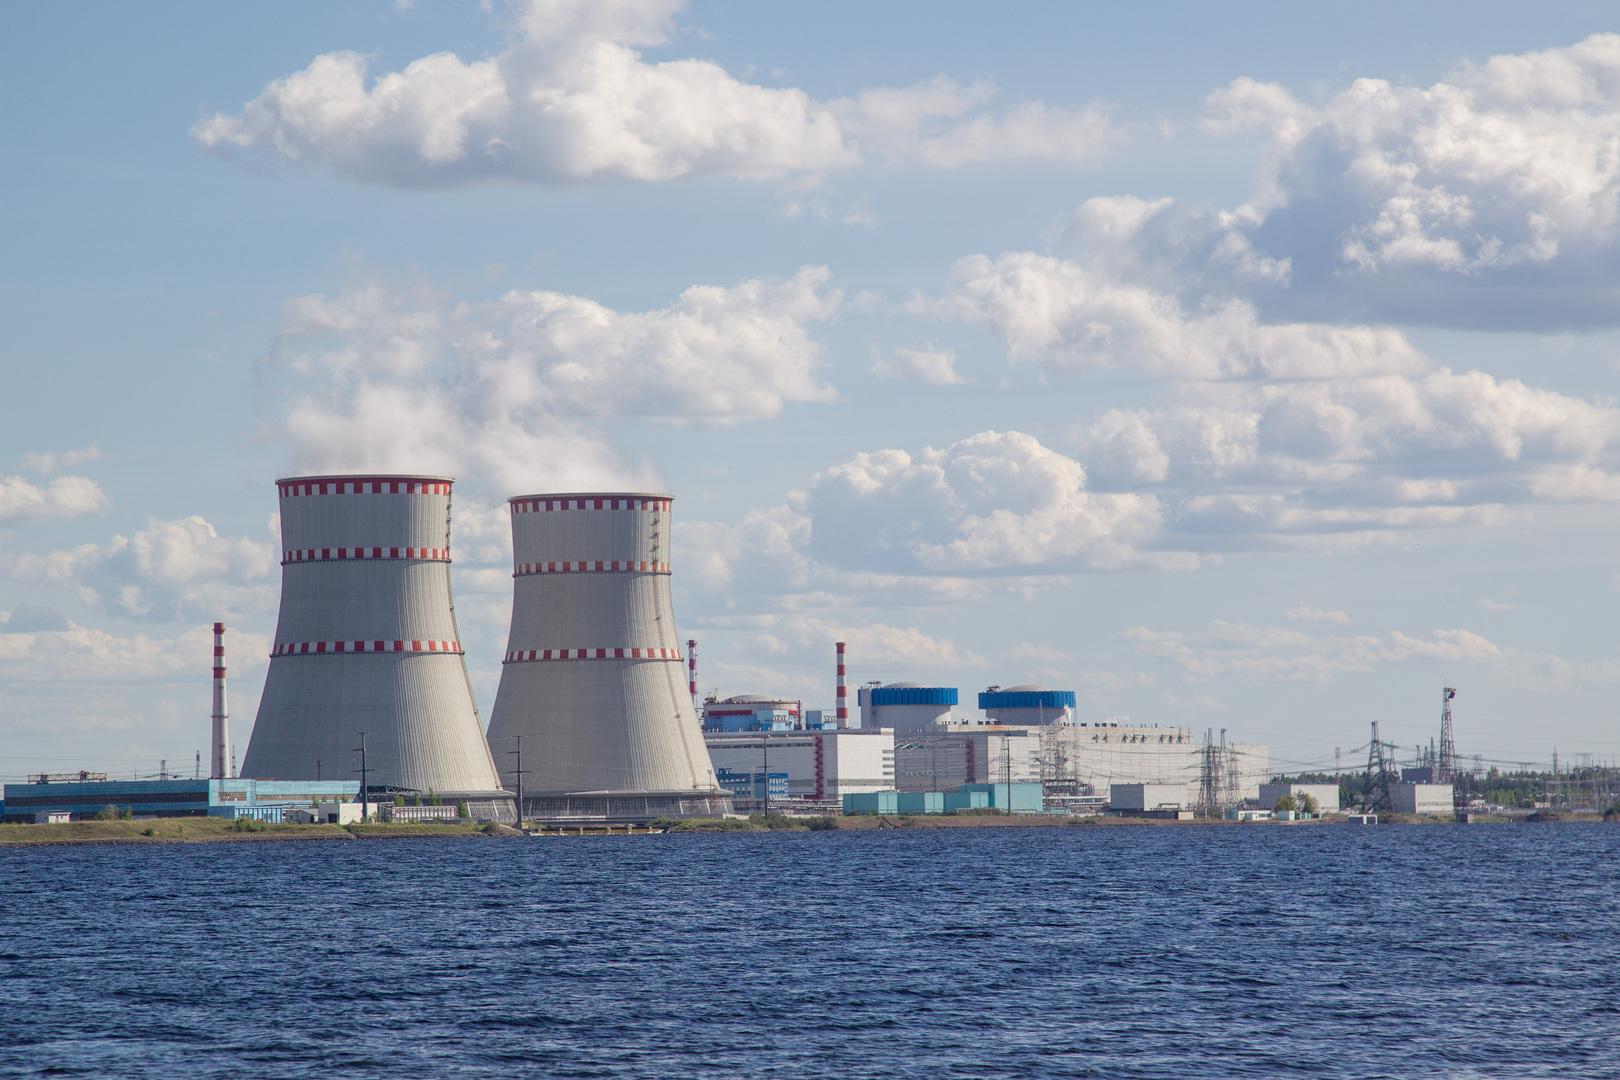 محطة نووية (صورة تعبيرية)